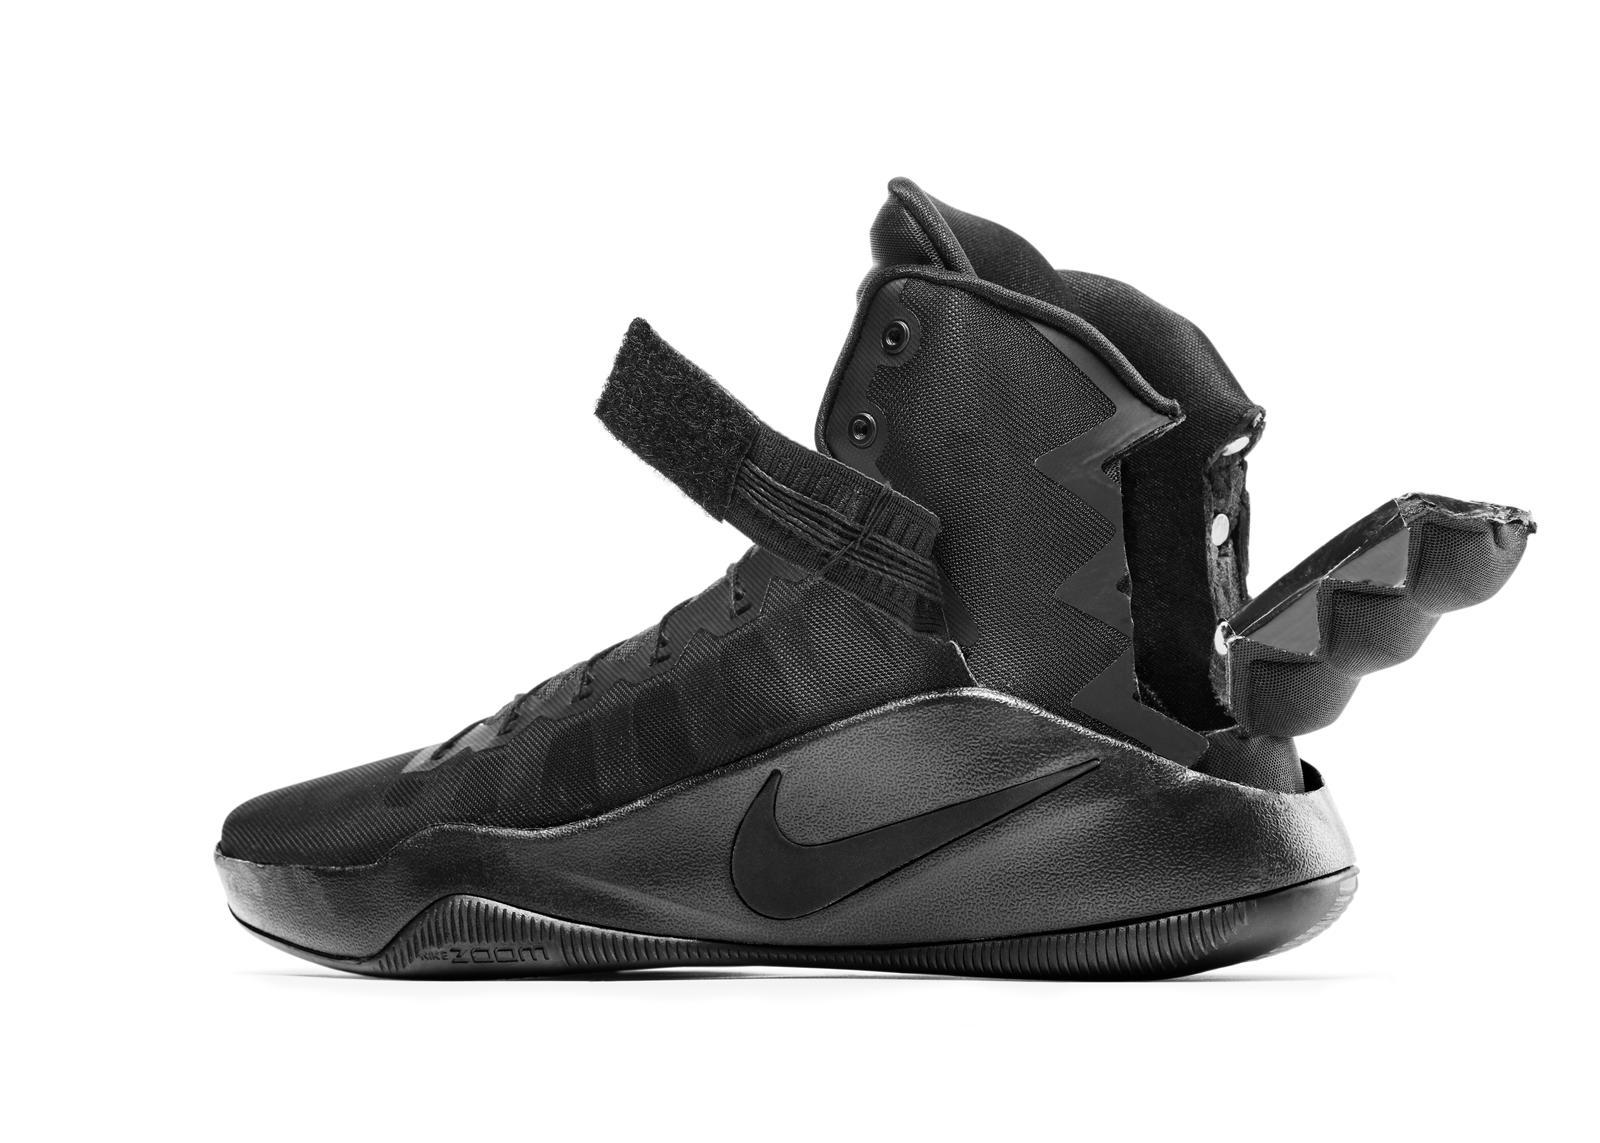 Fanático por tênis cria modelo para a Nike e ganha US  160 mil - 20 ... 61ea4e0611162